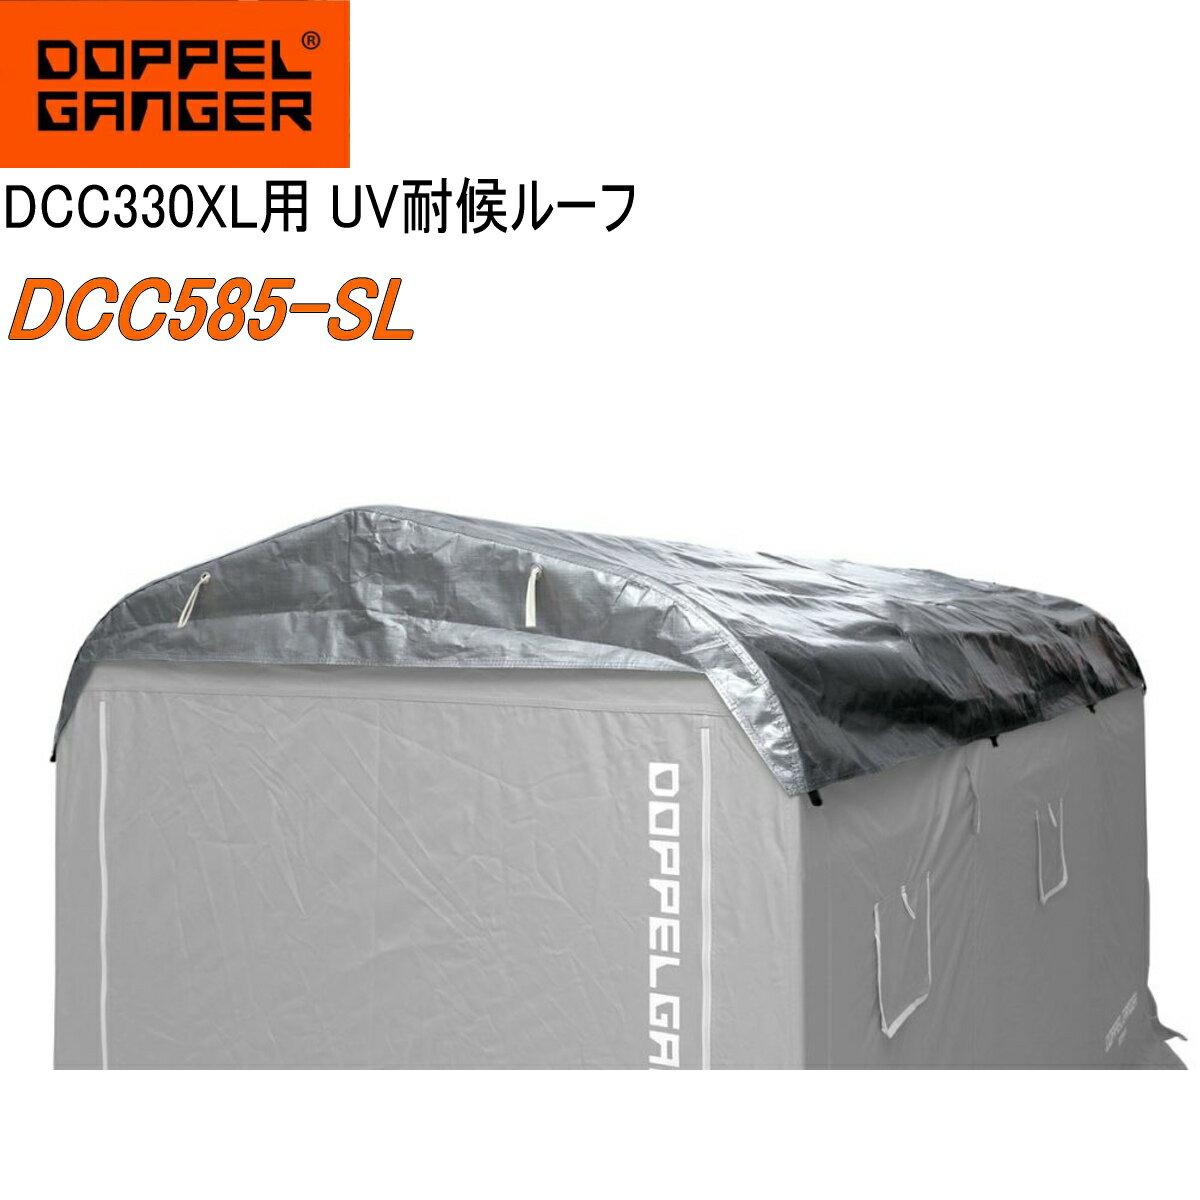 ガレージ, バイク・自転車用ガレージ DOPPELGANGER DCC585-SL DCC330XL UV